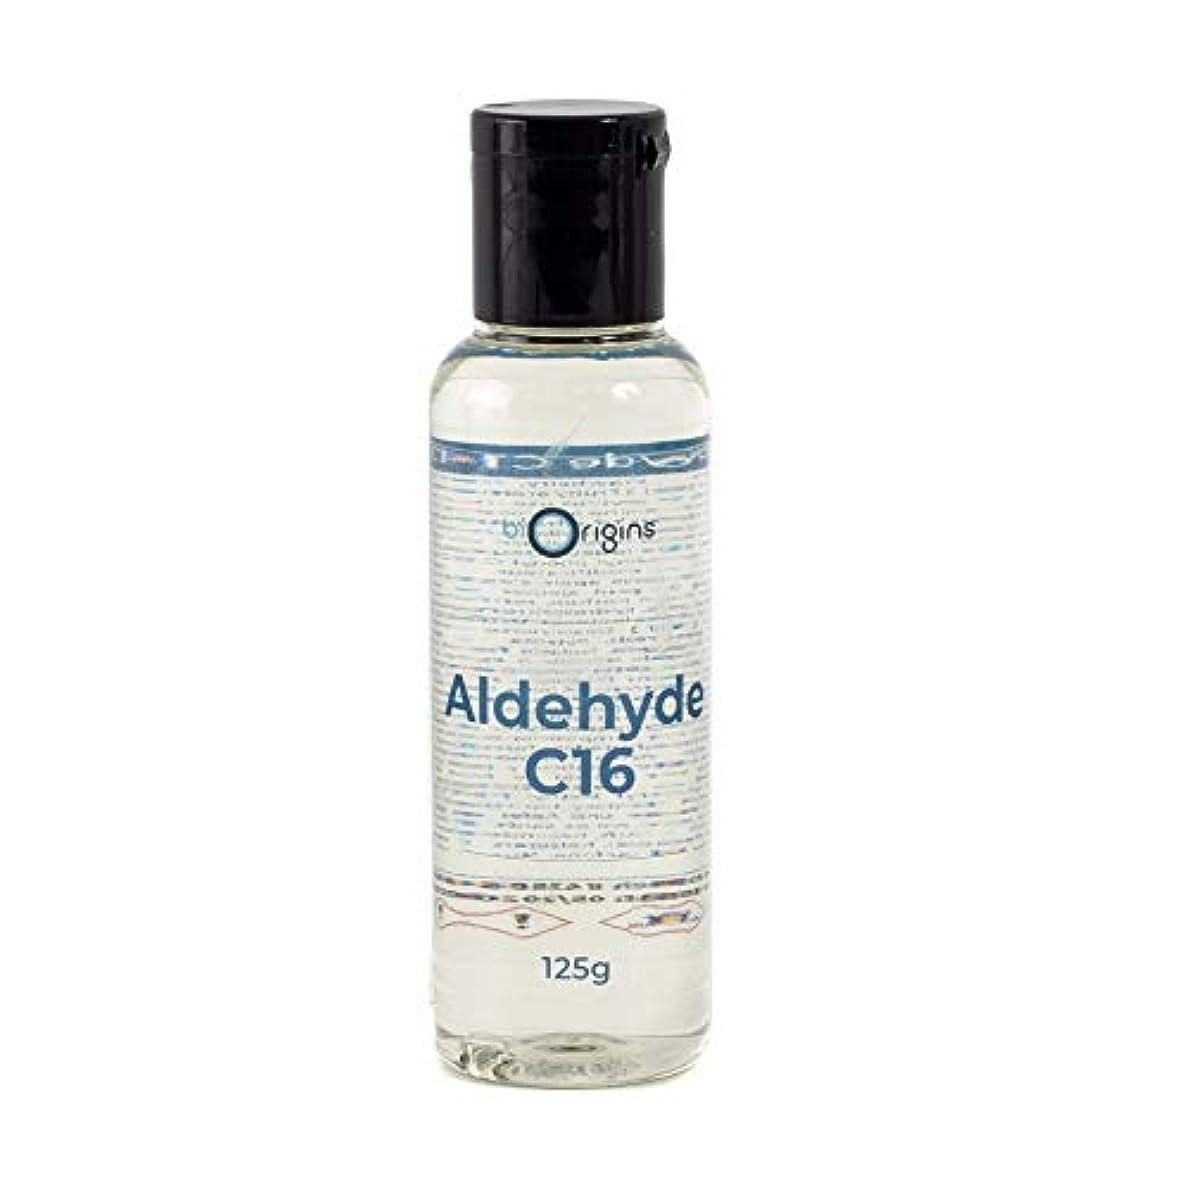 フォーマル犠牲虚弱Mystic Moments | Aldehyde C16 (Ethyl Methyl Phenyl Glycidate) - 250g